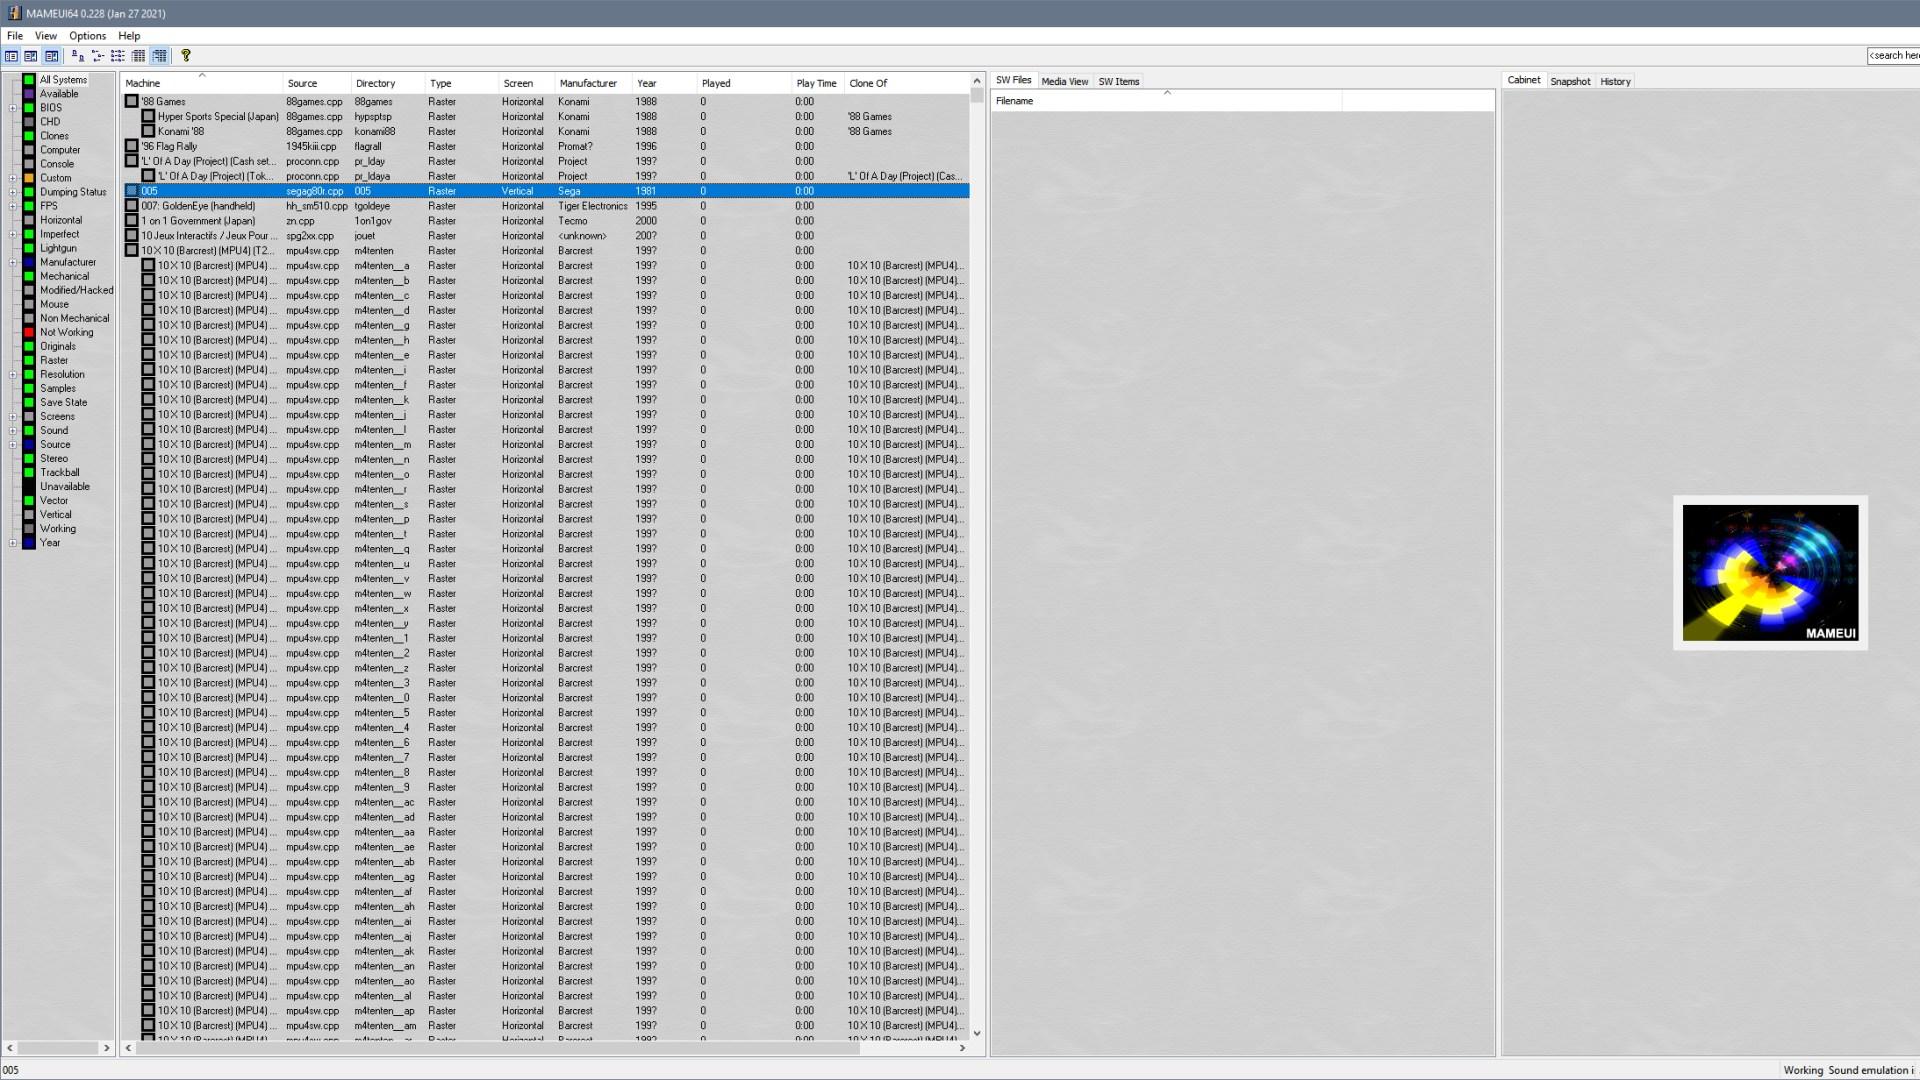 Emulator, Arcade, MAMEUI64, MAME